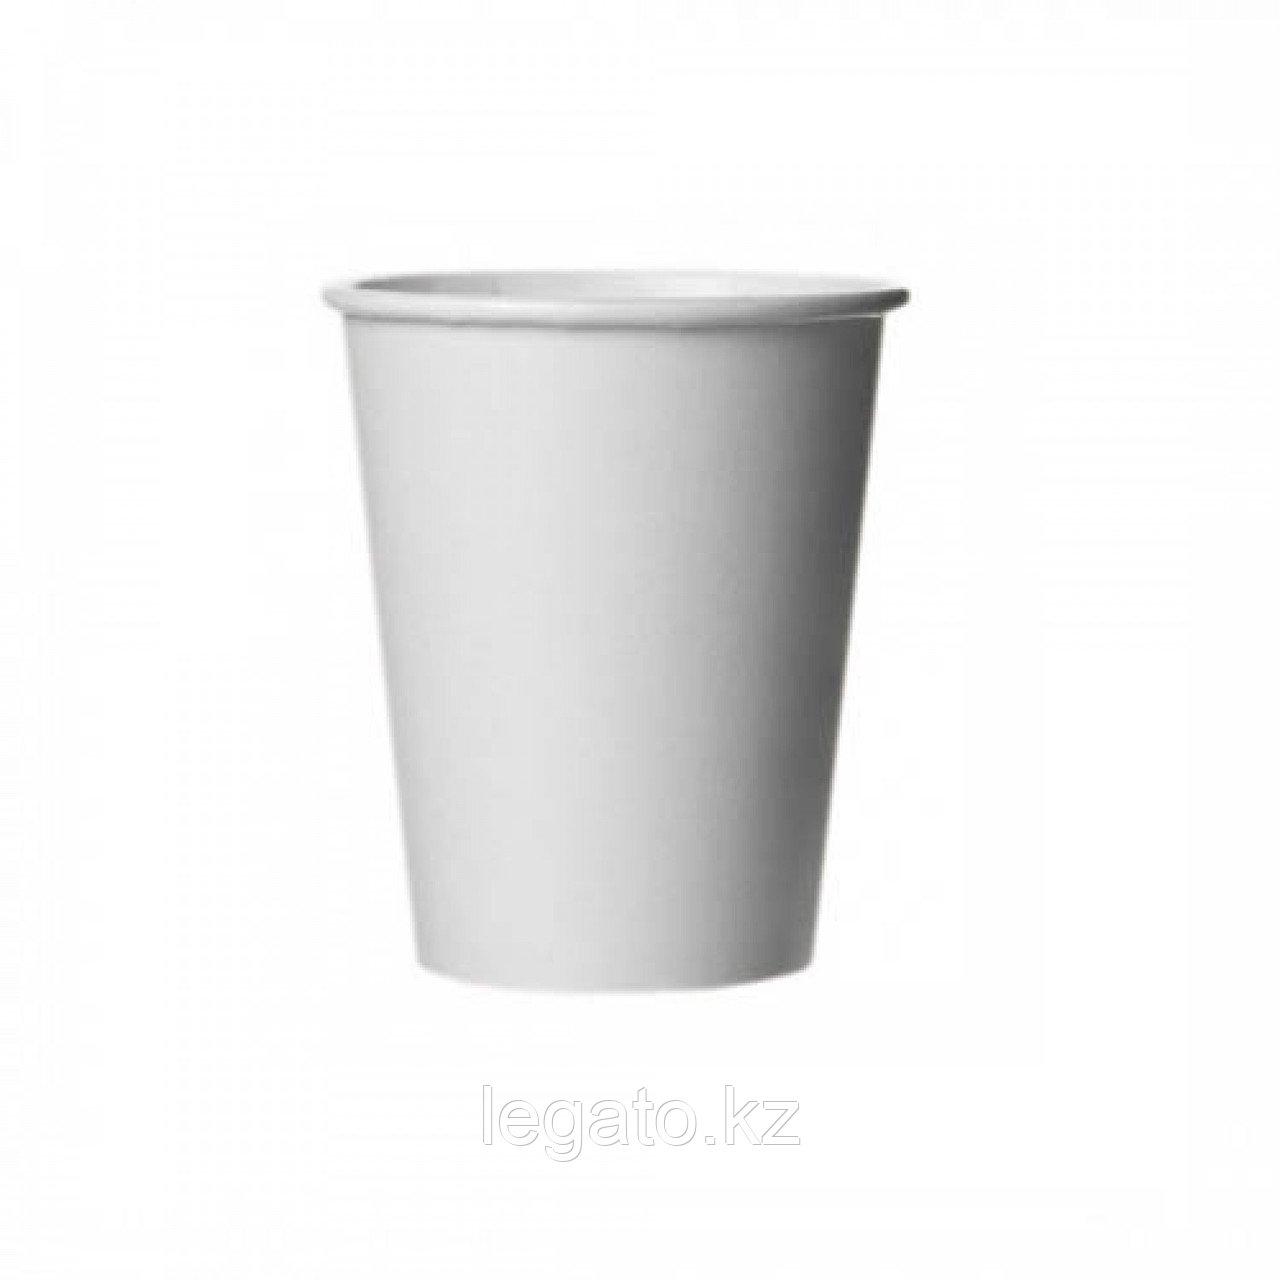 Стакан бумажный для горячих напитков 350 мл белый 1000 шт/кор